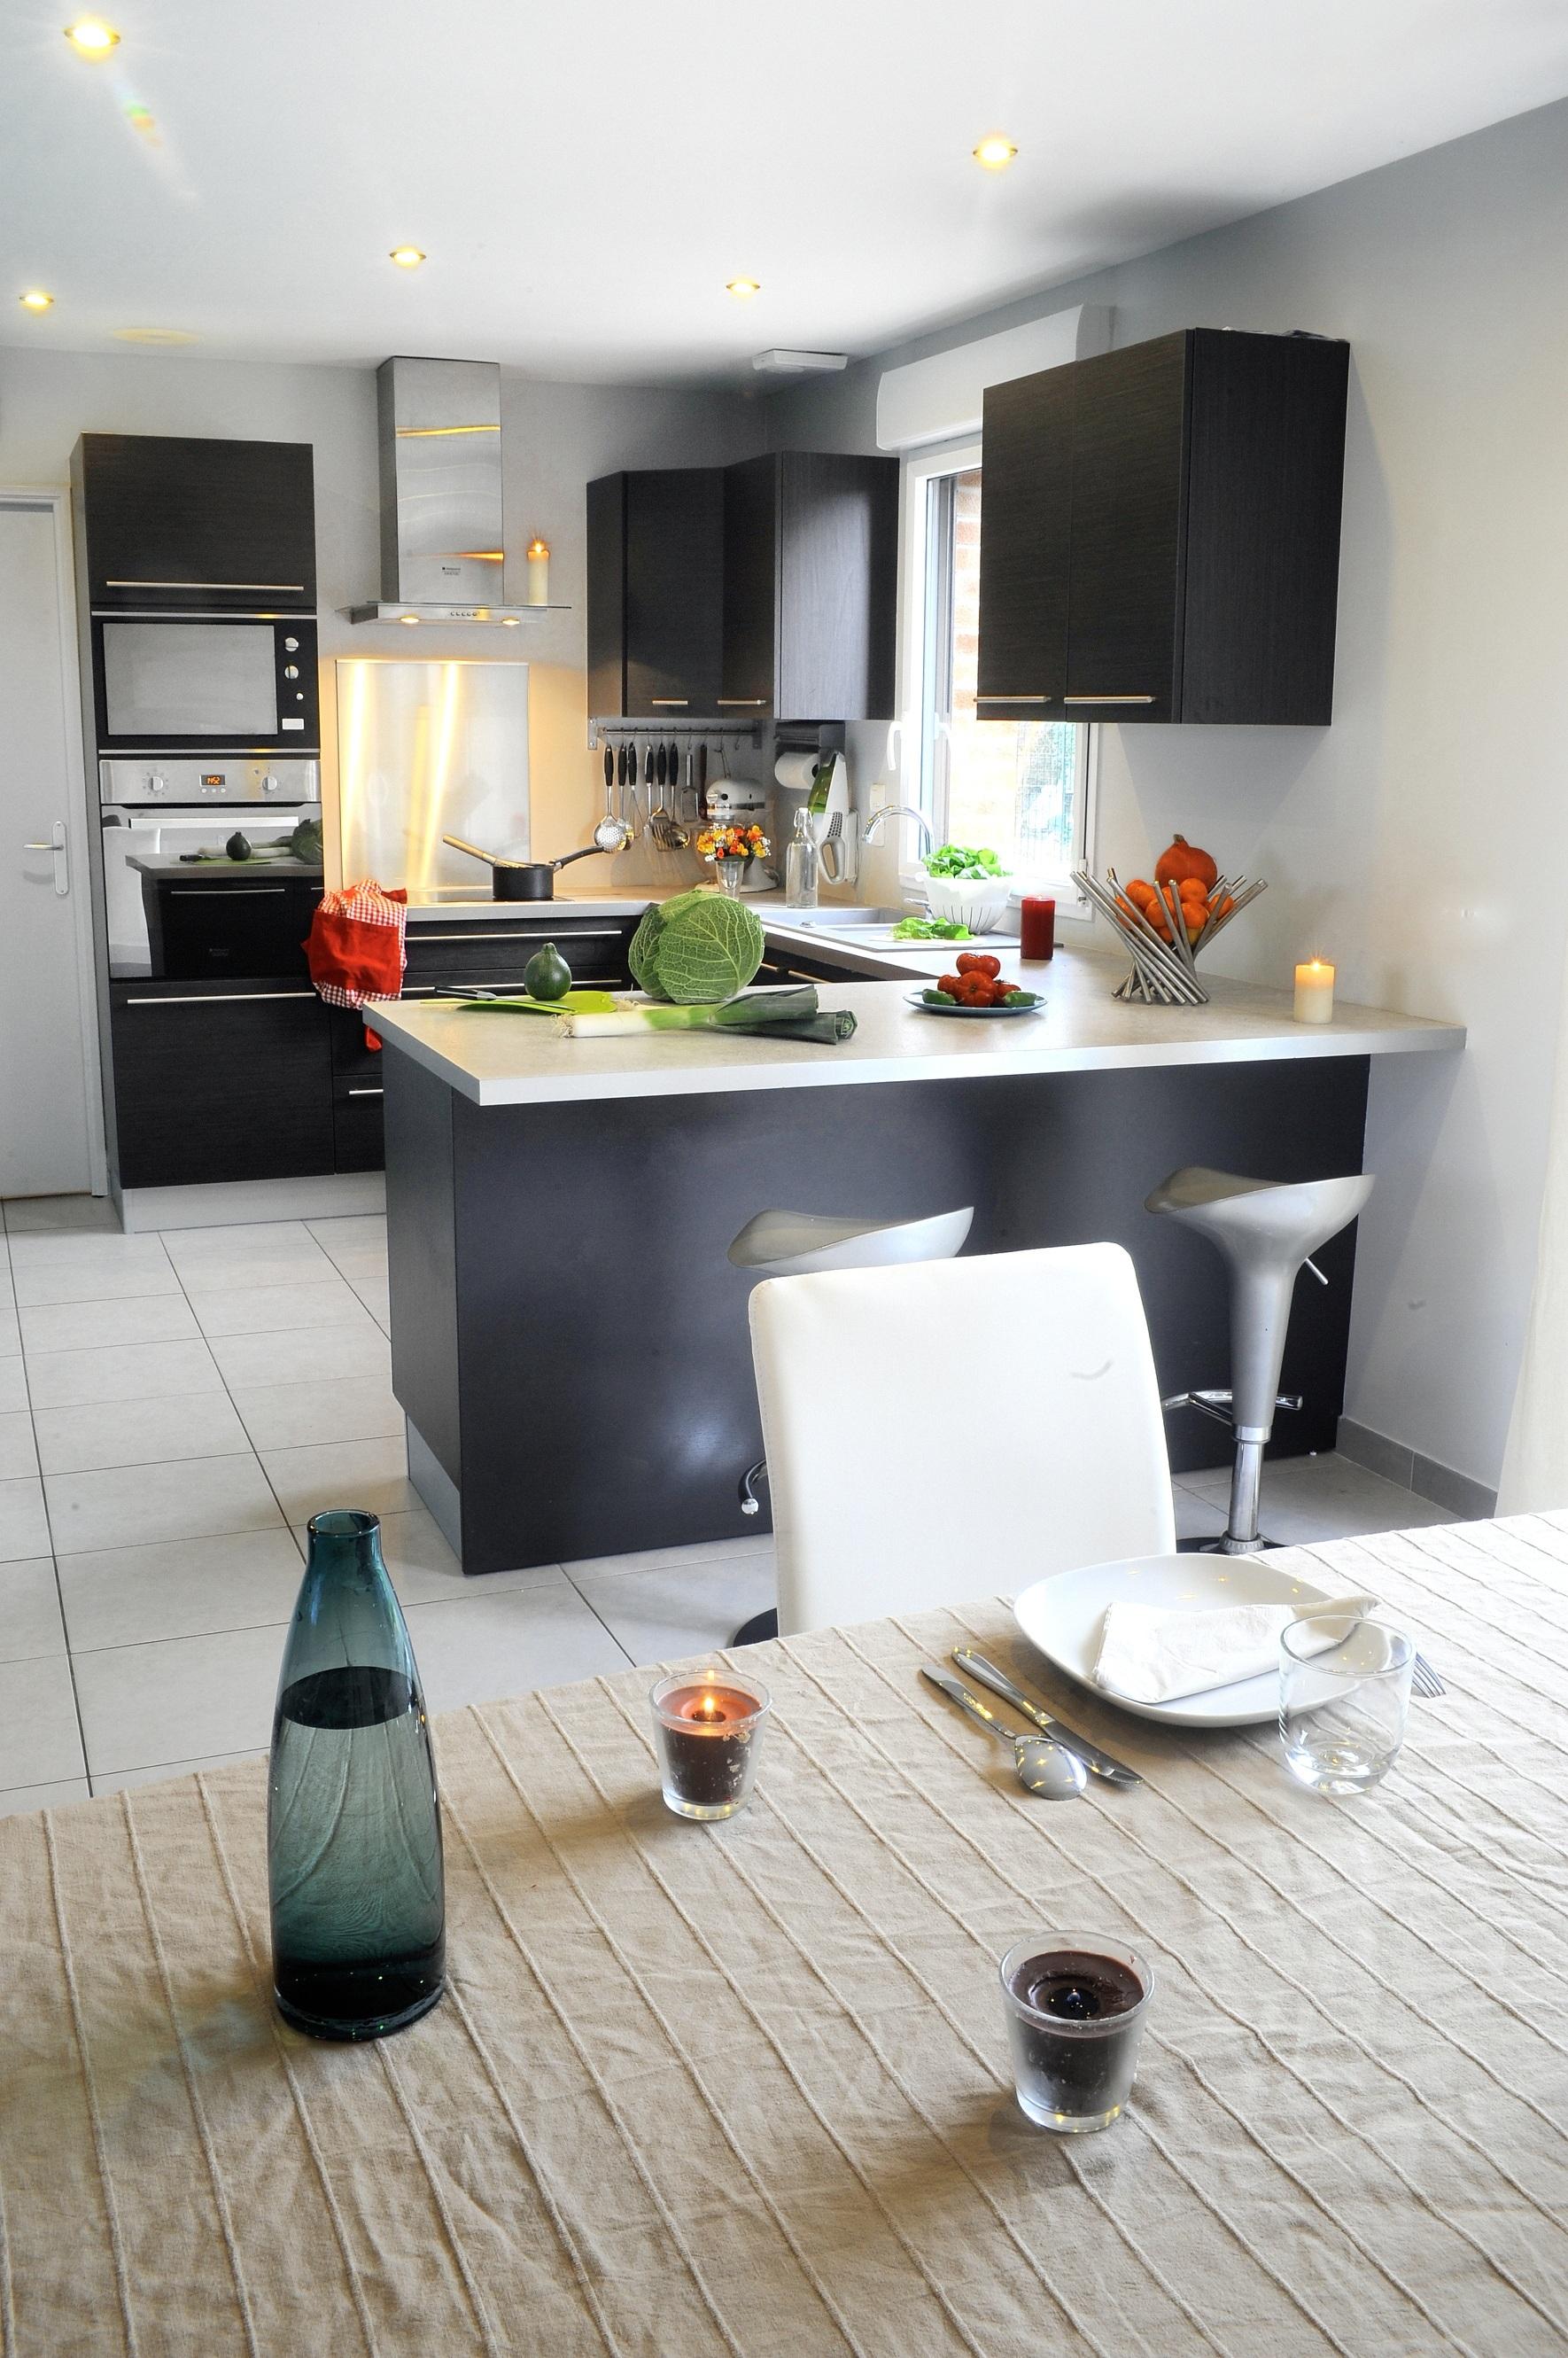 Maisons + Terrains du constructeur Maisons Phénix La-Roche-Sur-Yon • 107 m² • TALMONT SAINT HILAIRE